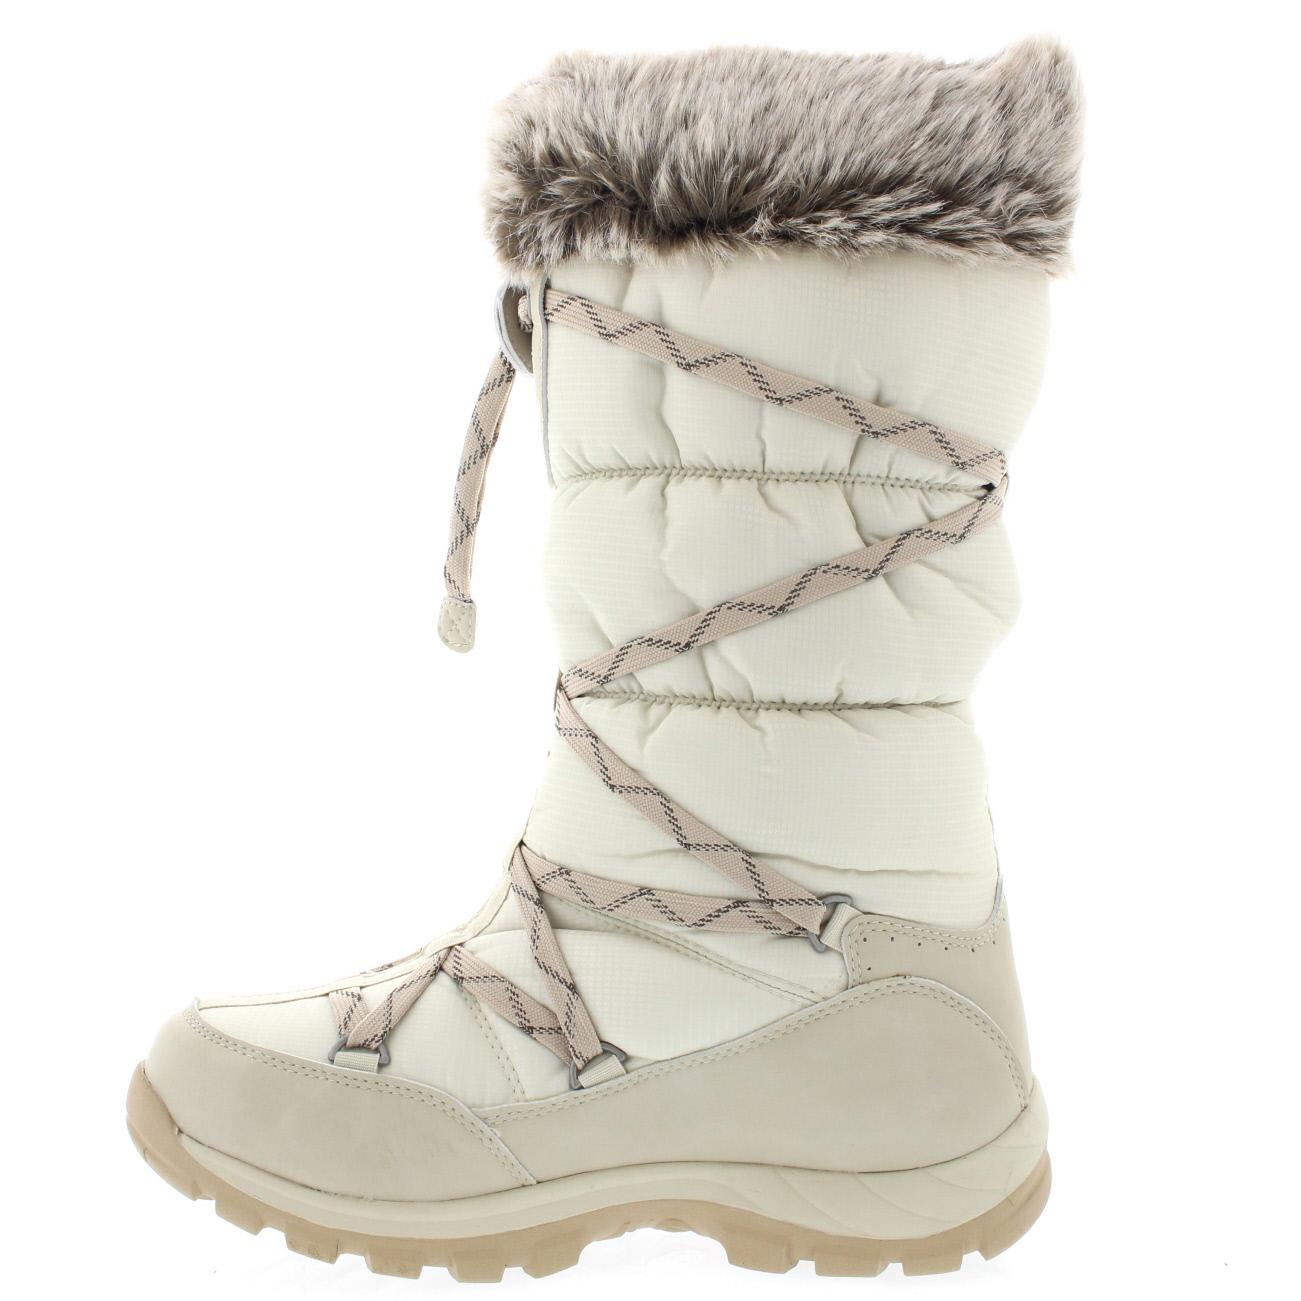 Deportista Florecer acceso  botas para nieve y lluvia mujer